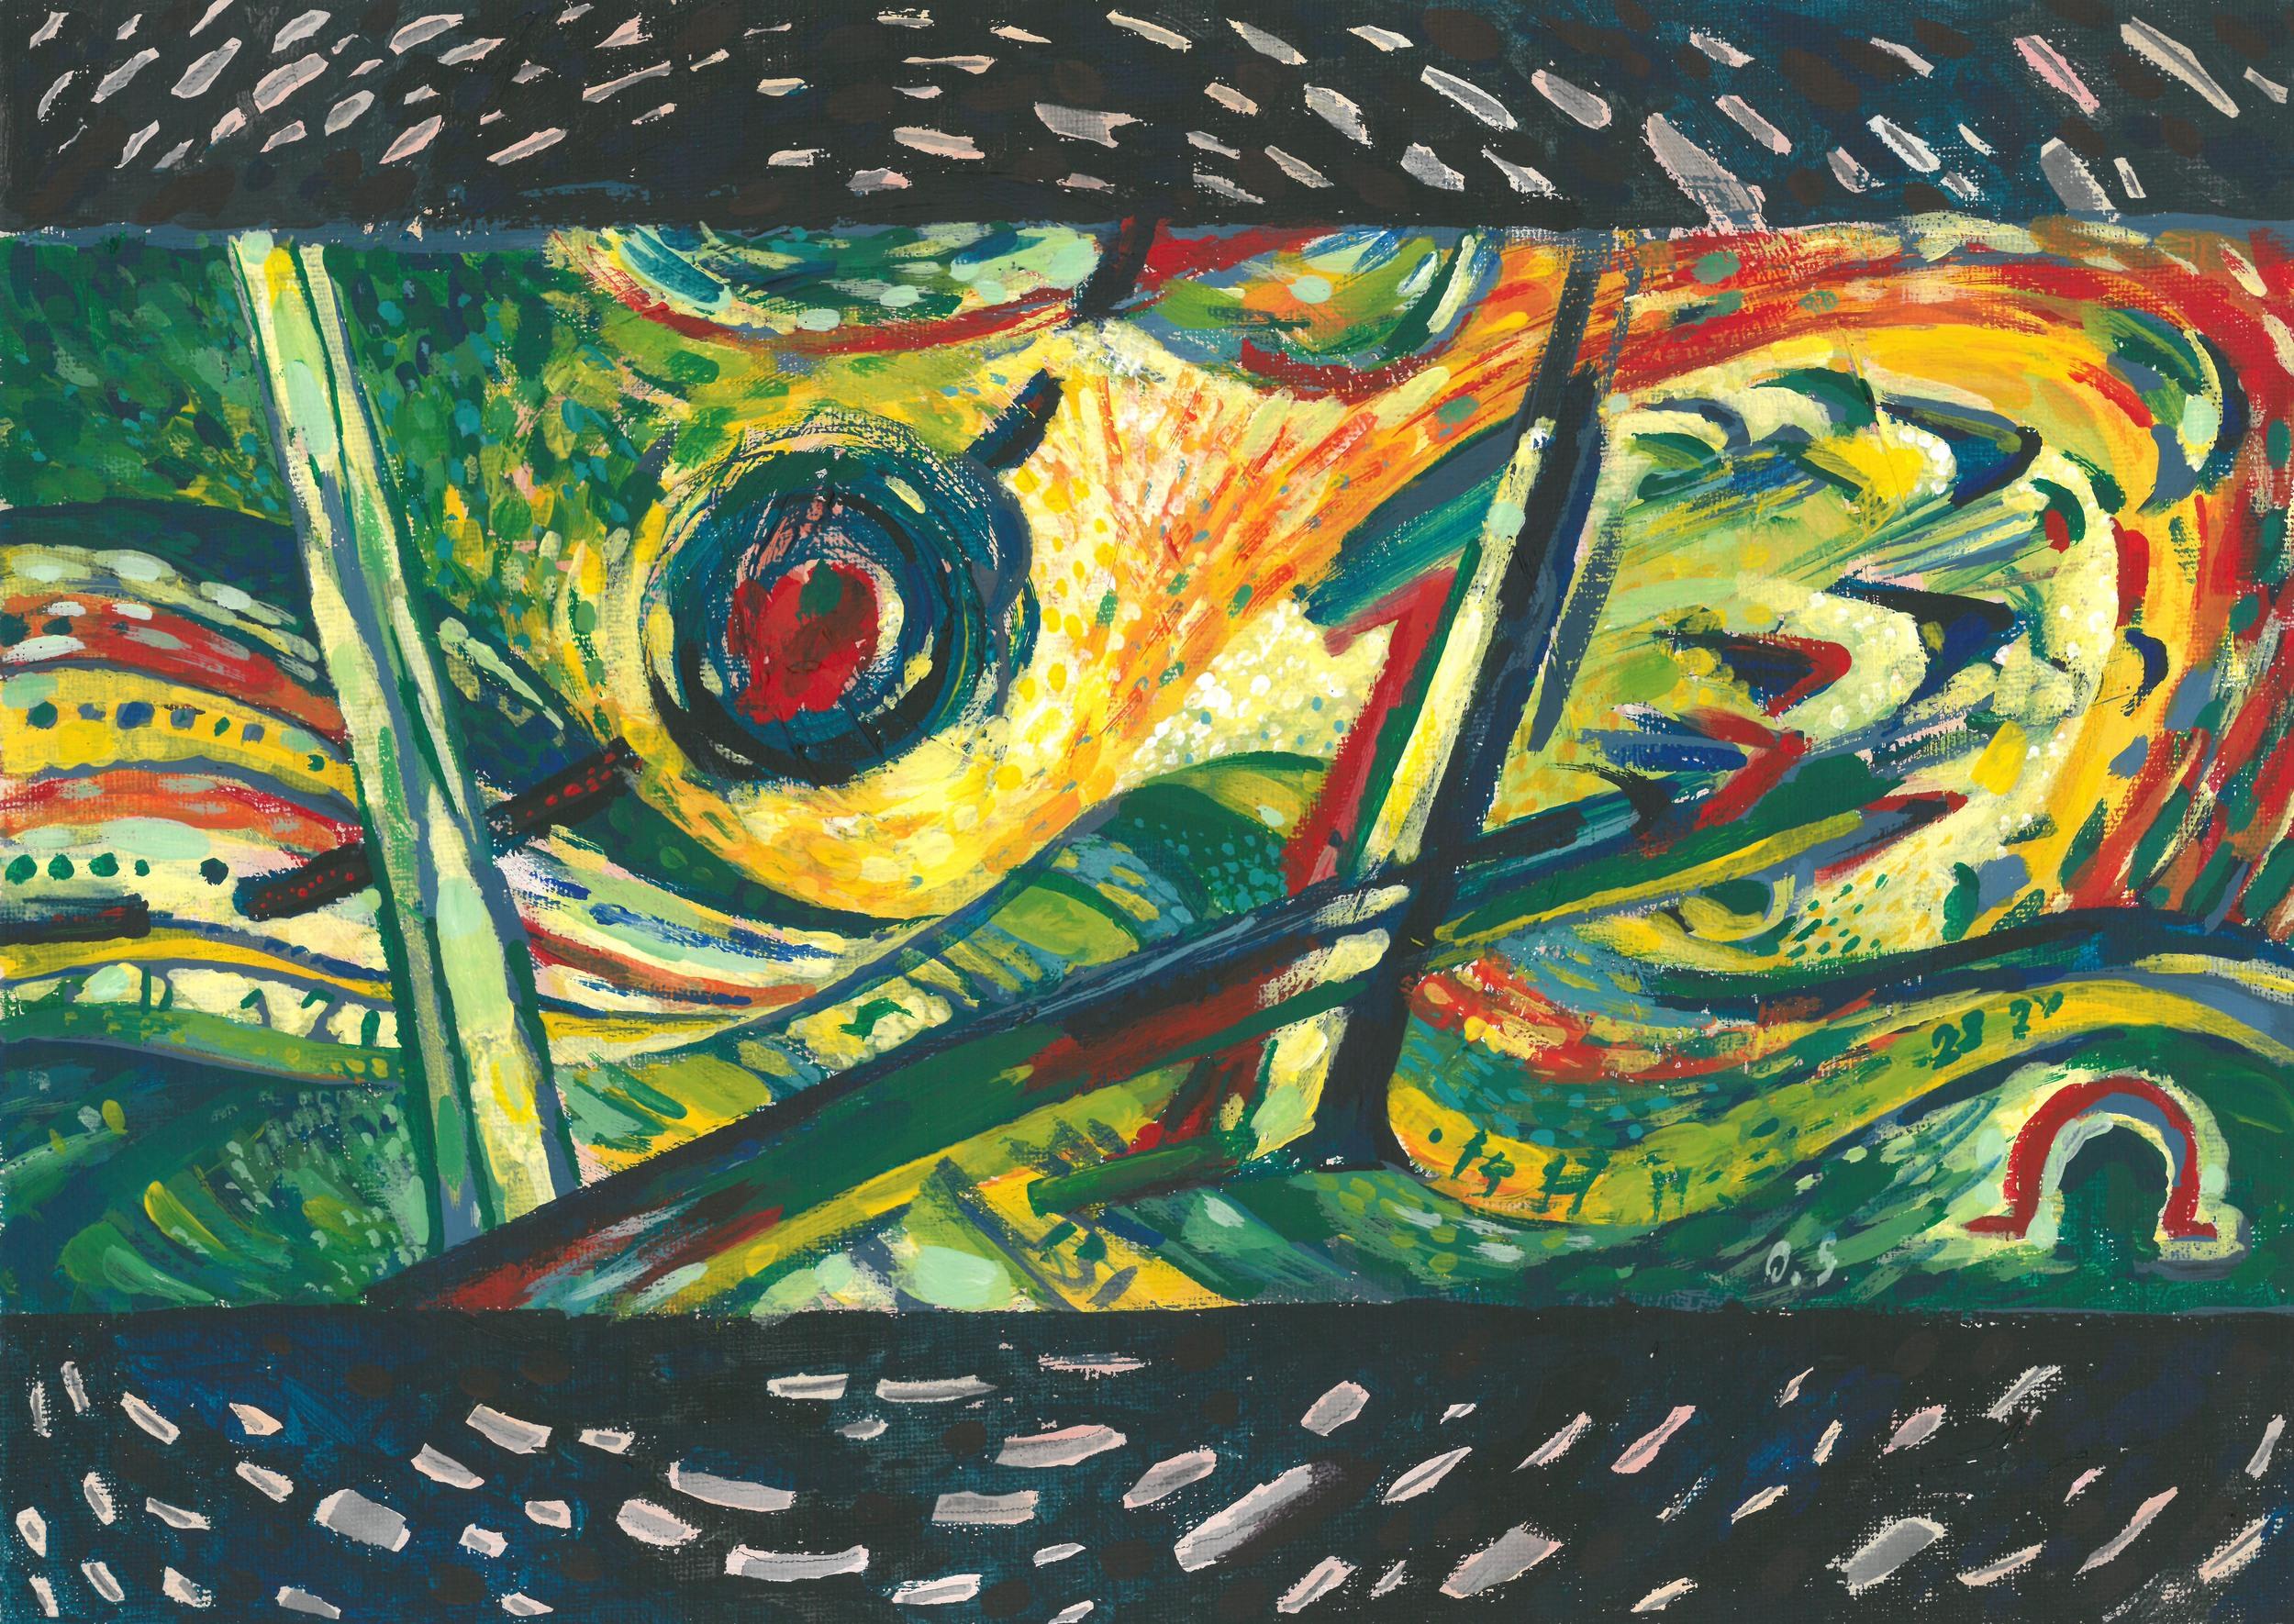 Science, acrylic on canvas, 35x25 cm